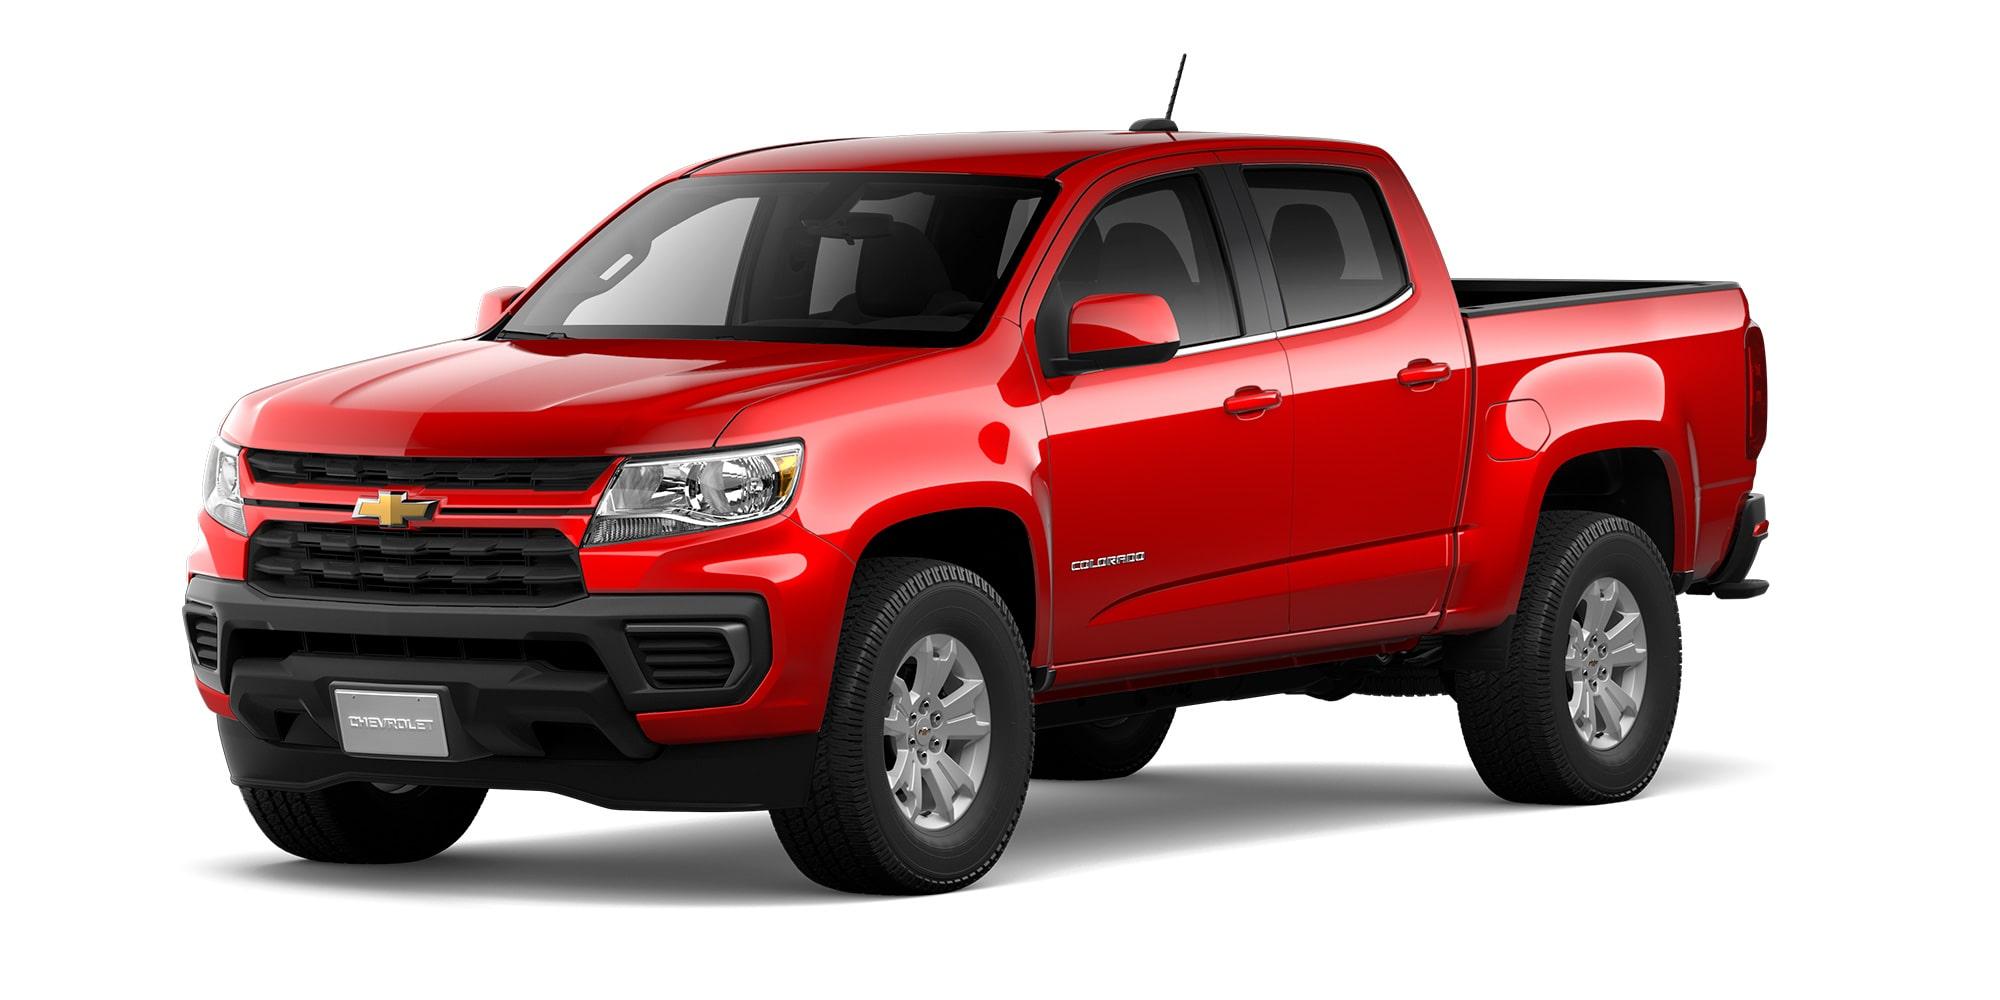 Nueva Chevrolet Colorado 2021 en color Rojo Rubí Versión LT 4x2